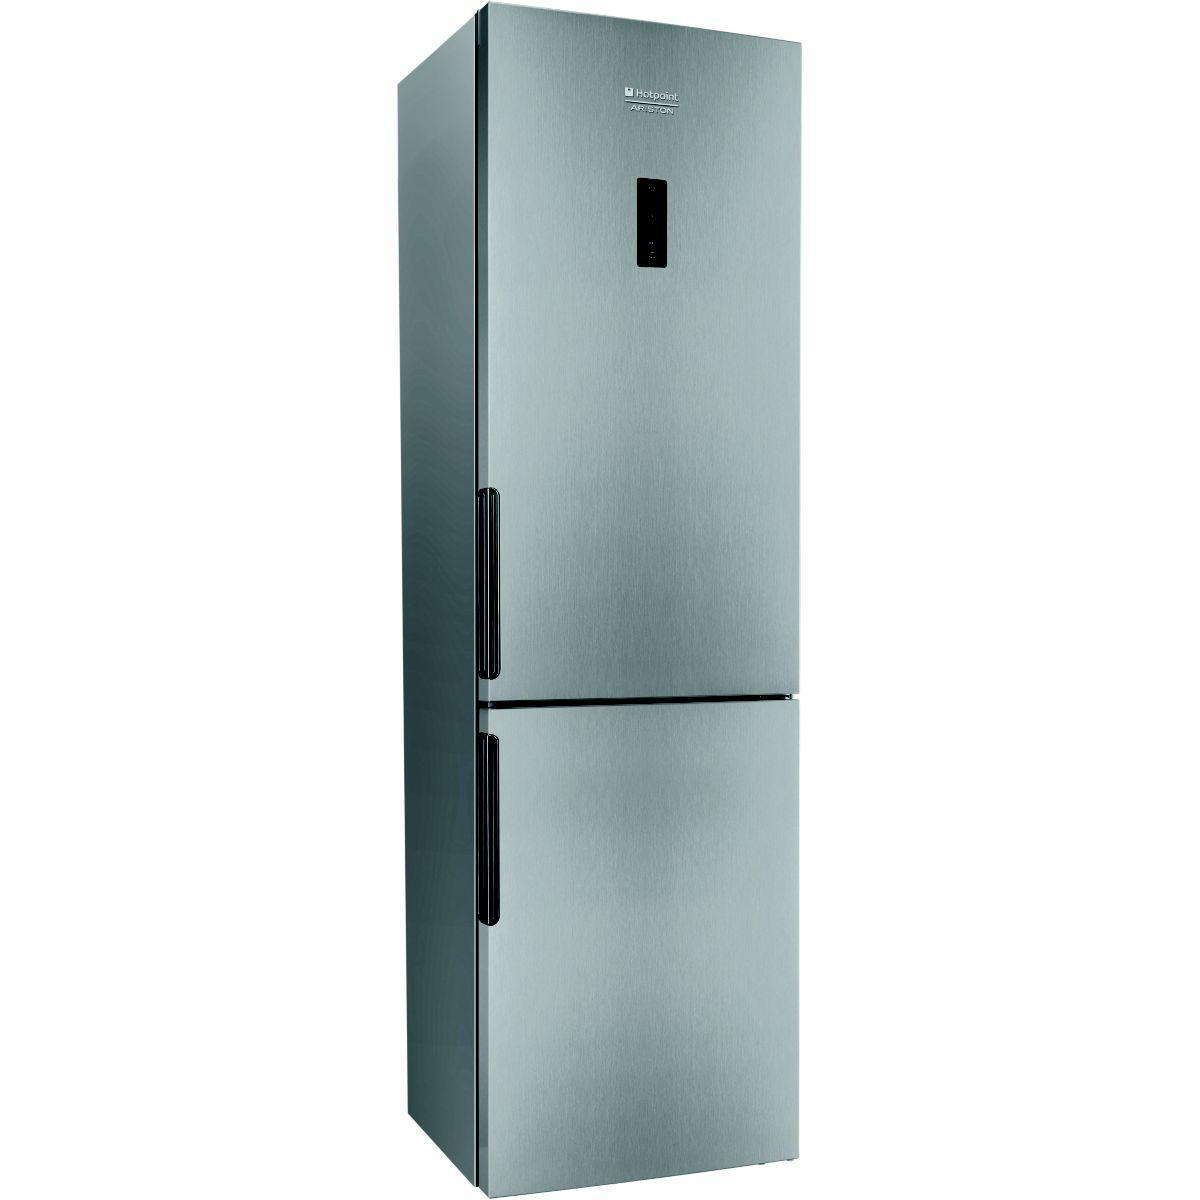 Réfrigérateur congélateur en bas hotpoint lh8ff2ox - 10% de remise : code gam10 (photo)